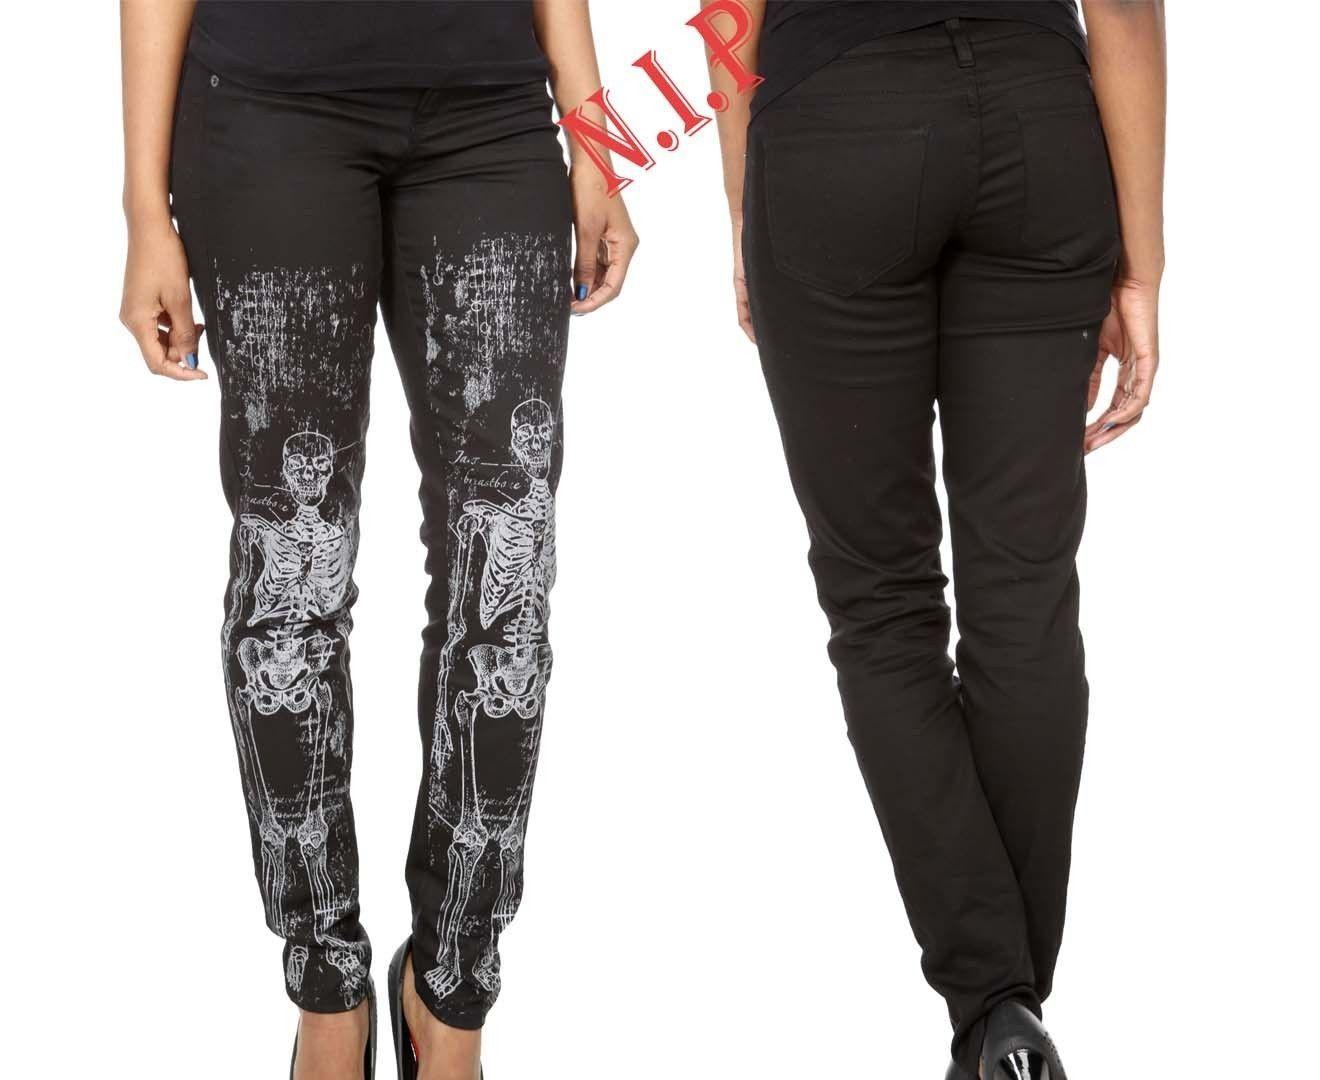 Hot topic skeleton pants for women